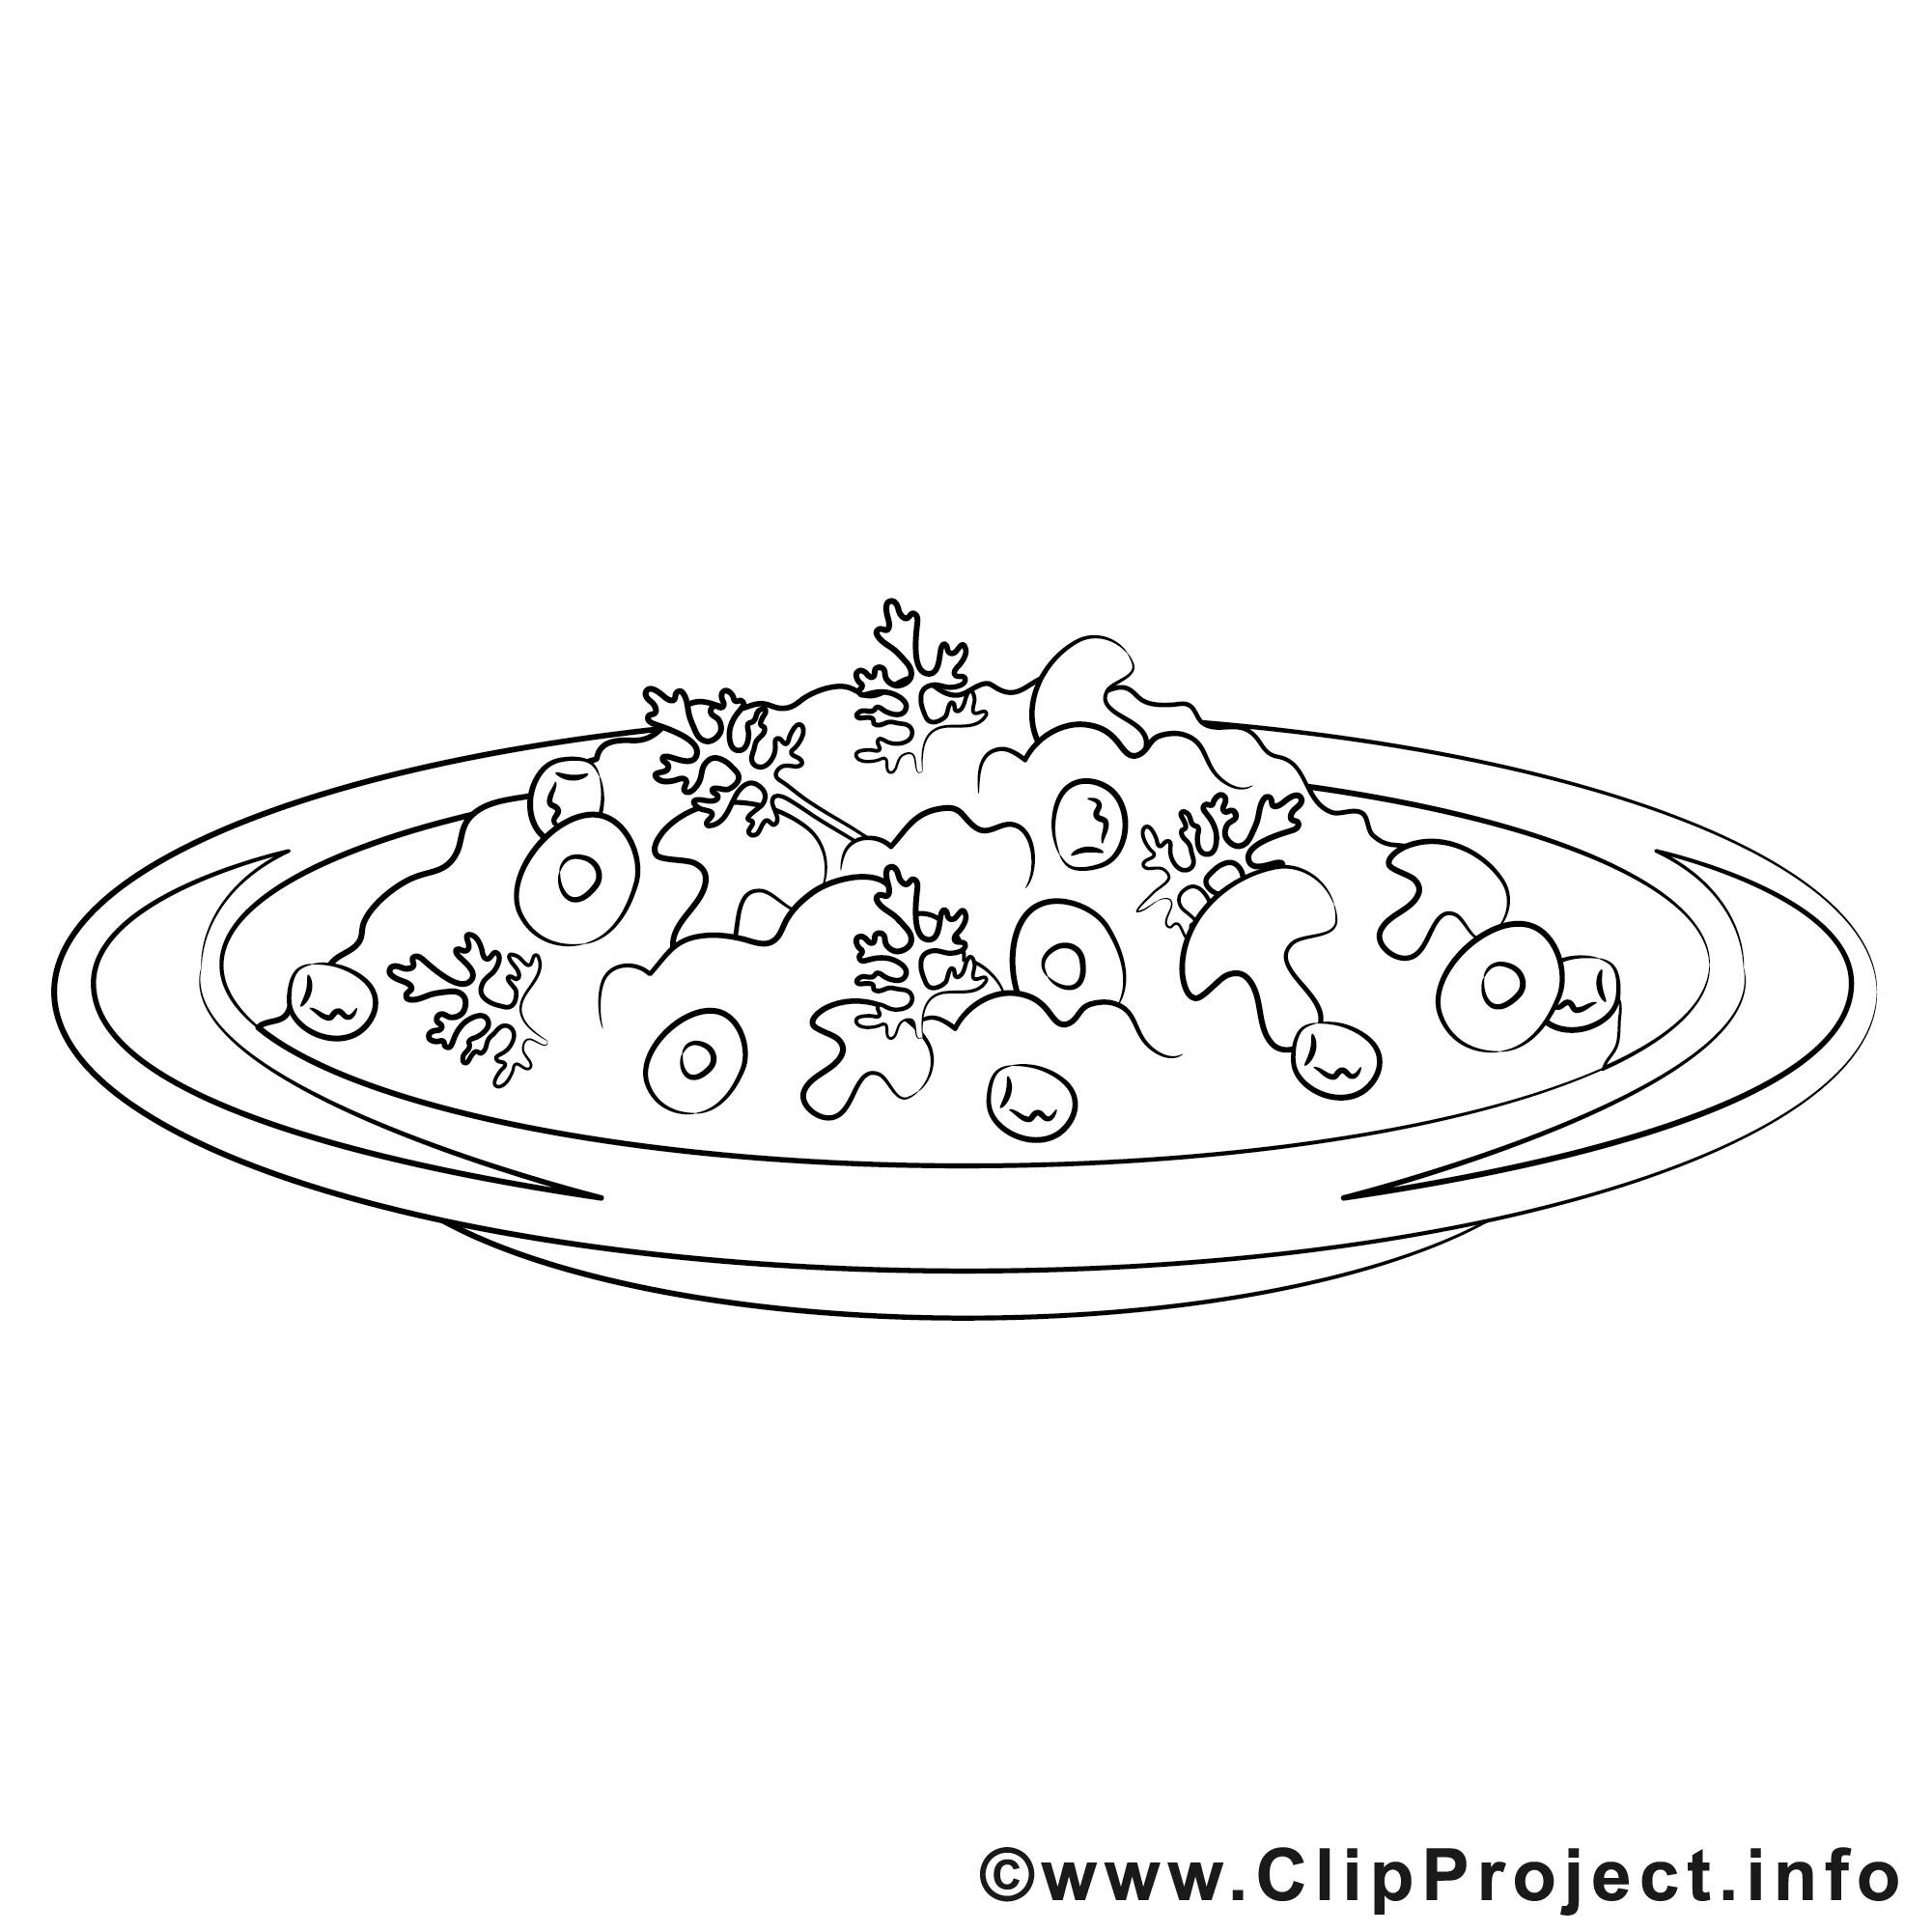 Essen Ausmalbilder  Essen Bilder zum Ausmalen